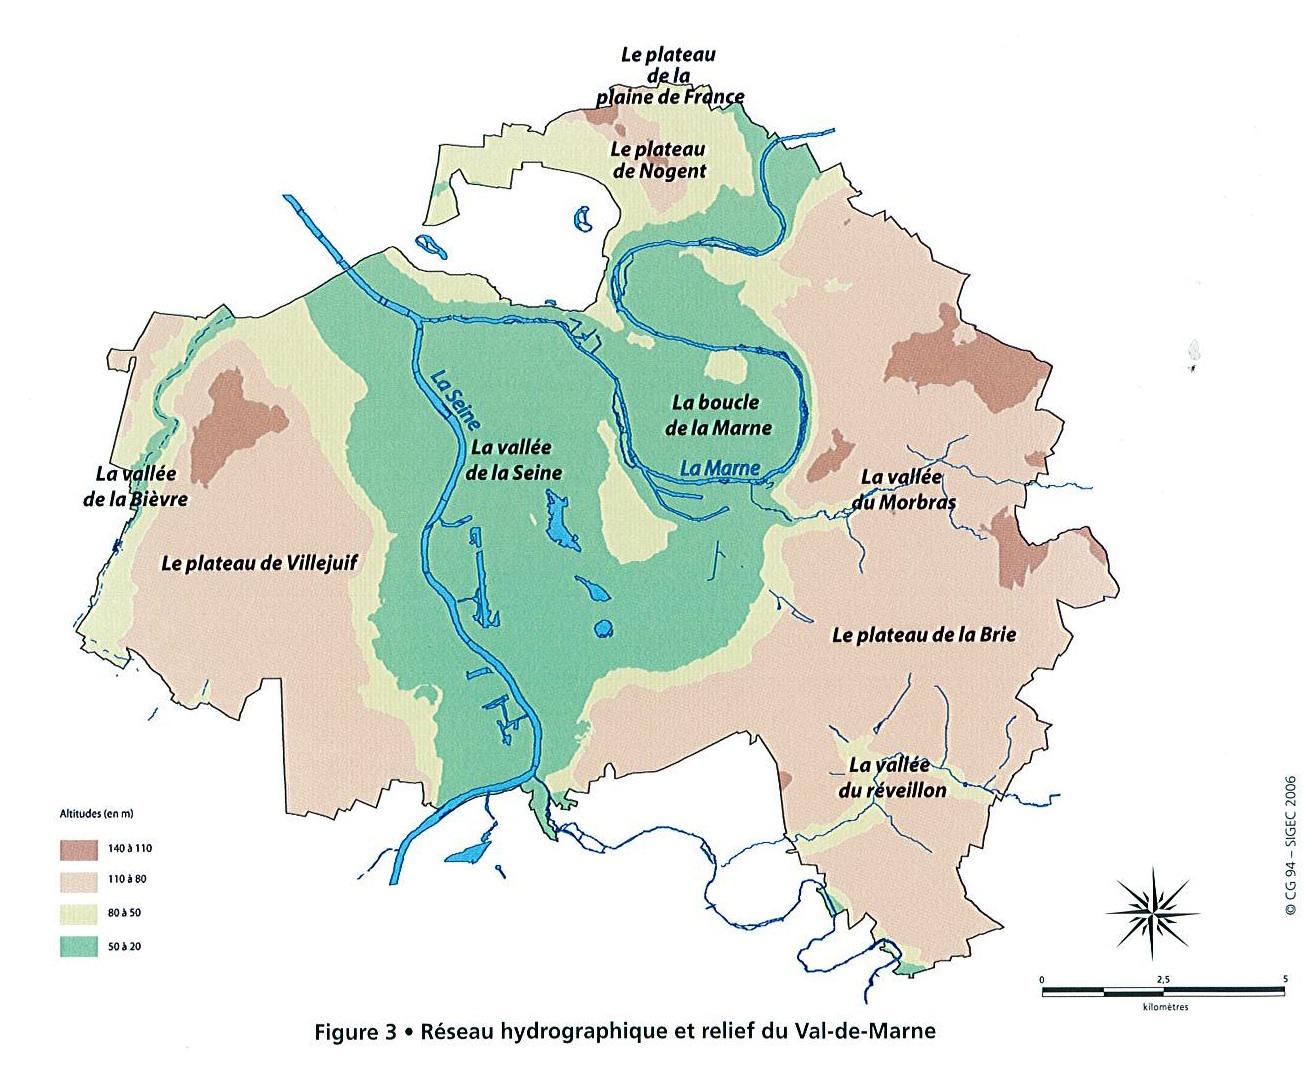 Réseau hydrogéologique et relief